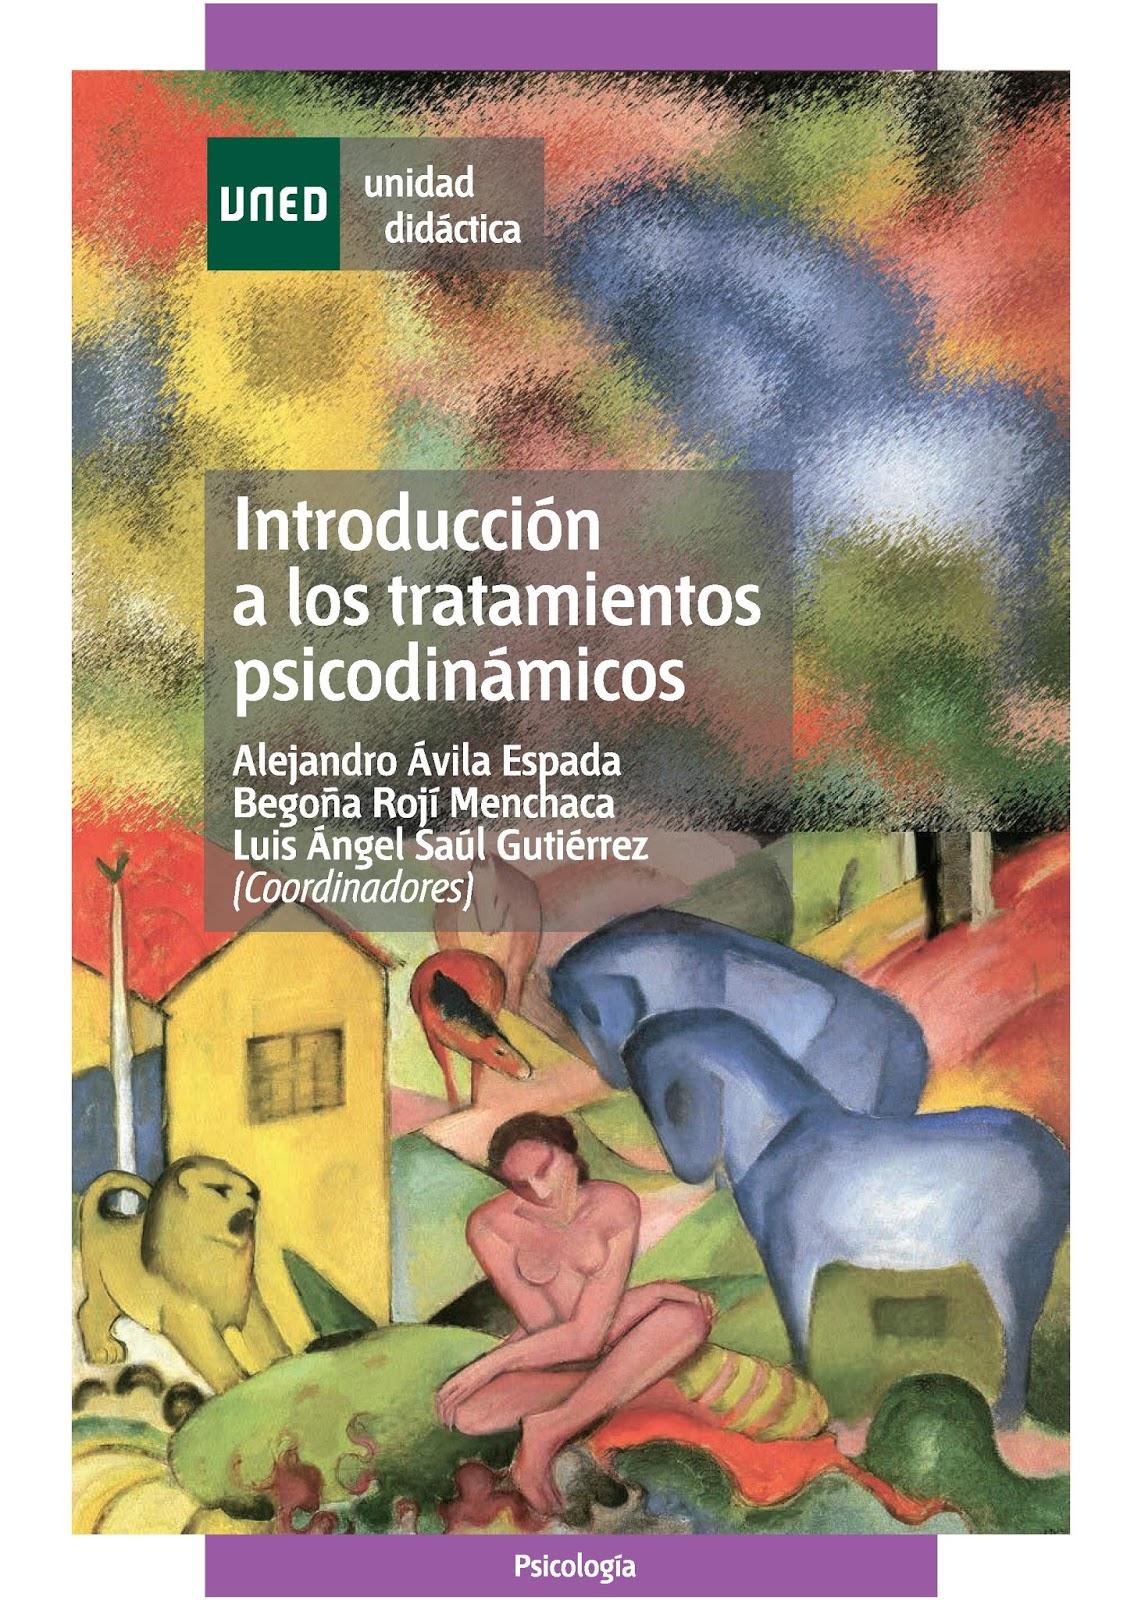 Introducción a los tratamientos psicodinámicos – Alejandro Ávila Espada